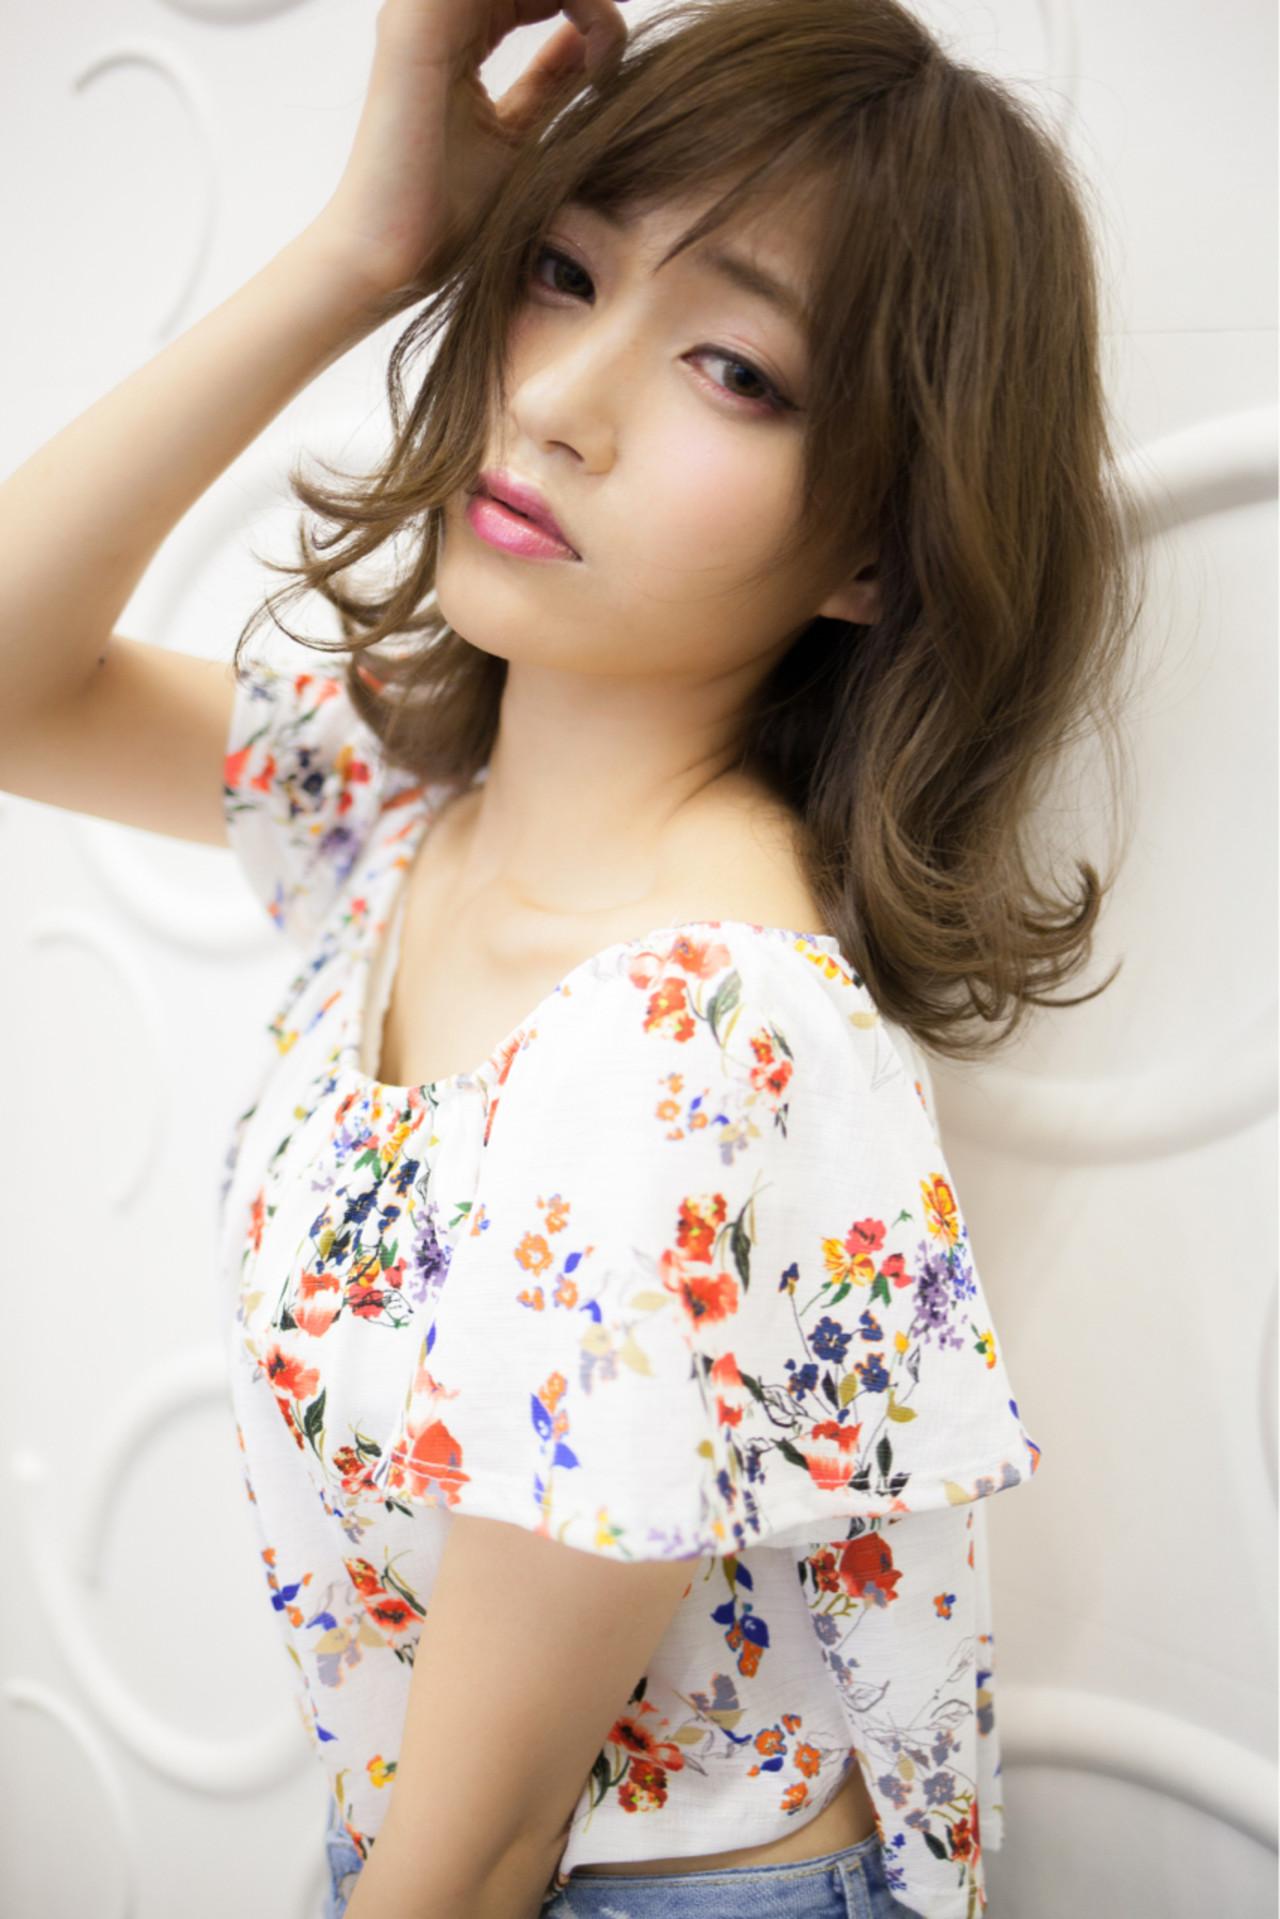 パーマ 大人かわいい ナチュラル ミディアム ヘアスタイルや髪型の写真・画像 | 高田 紘希 / Rr hair salon